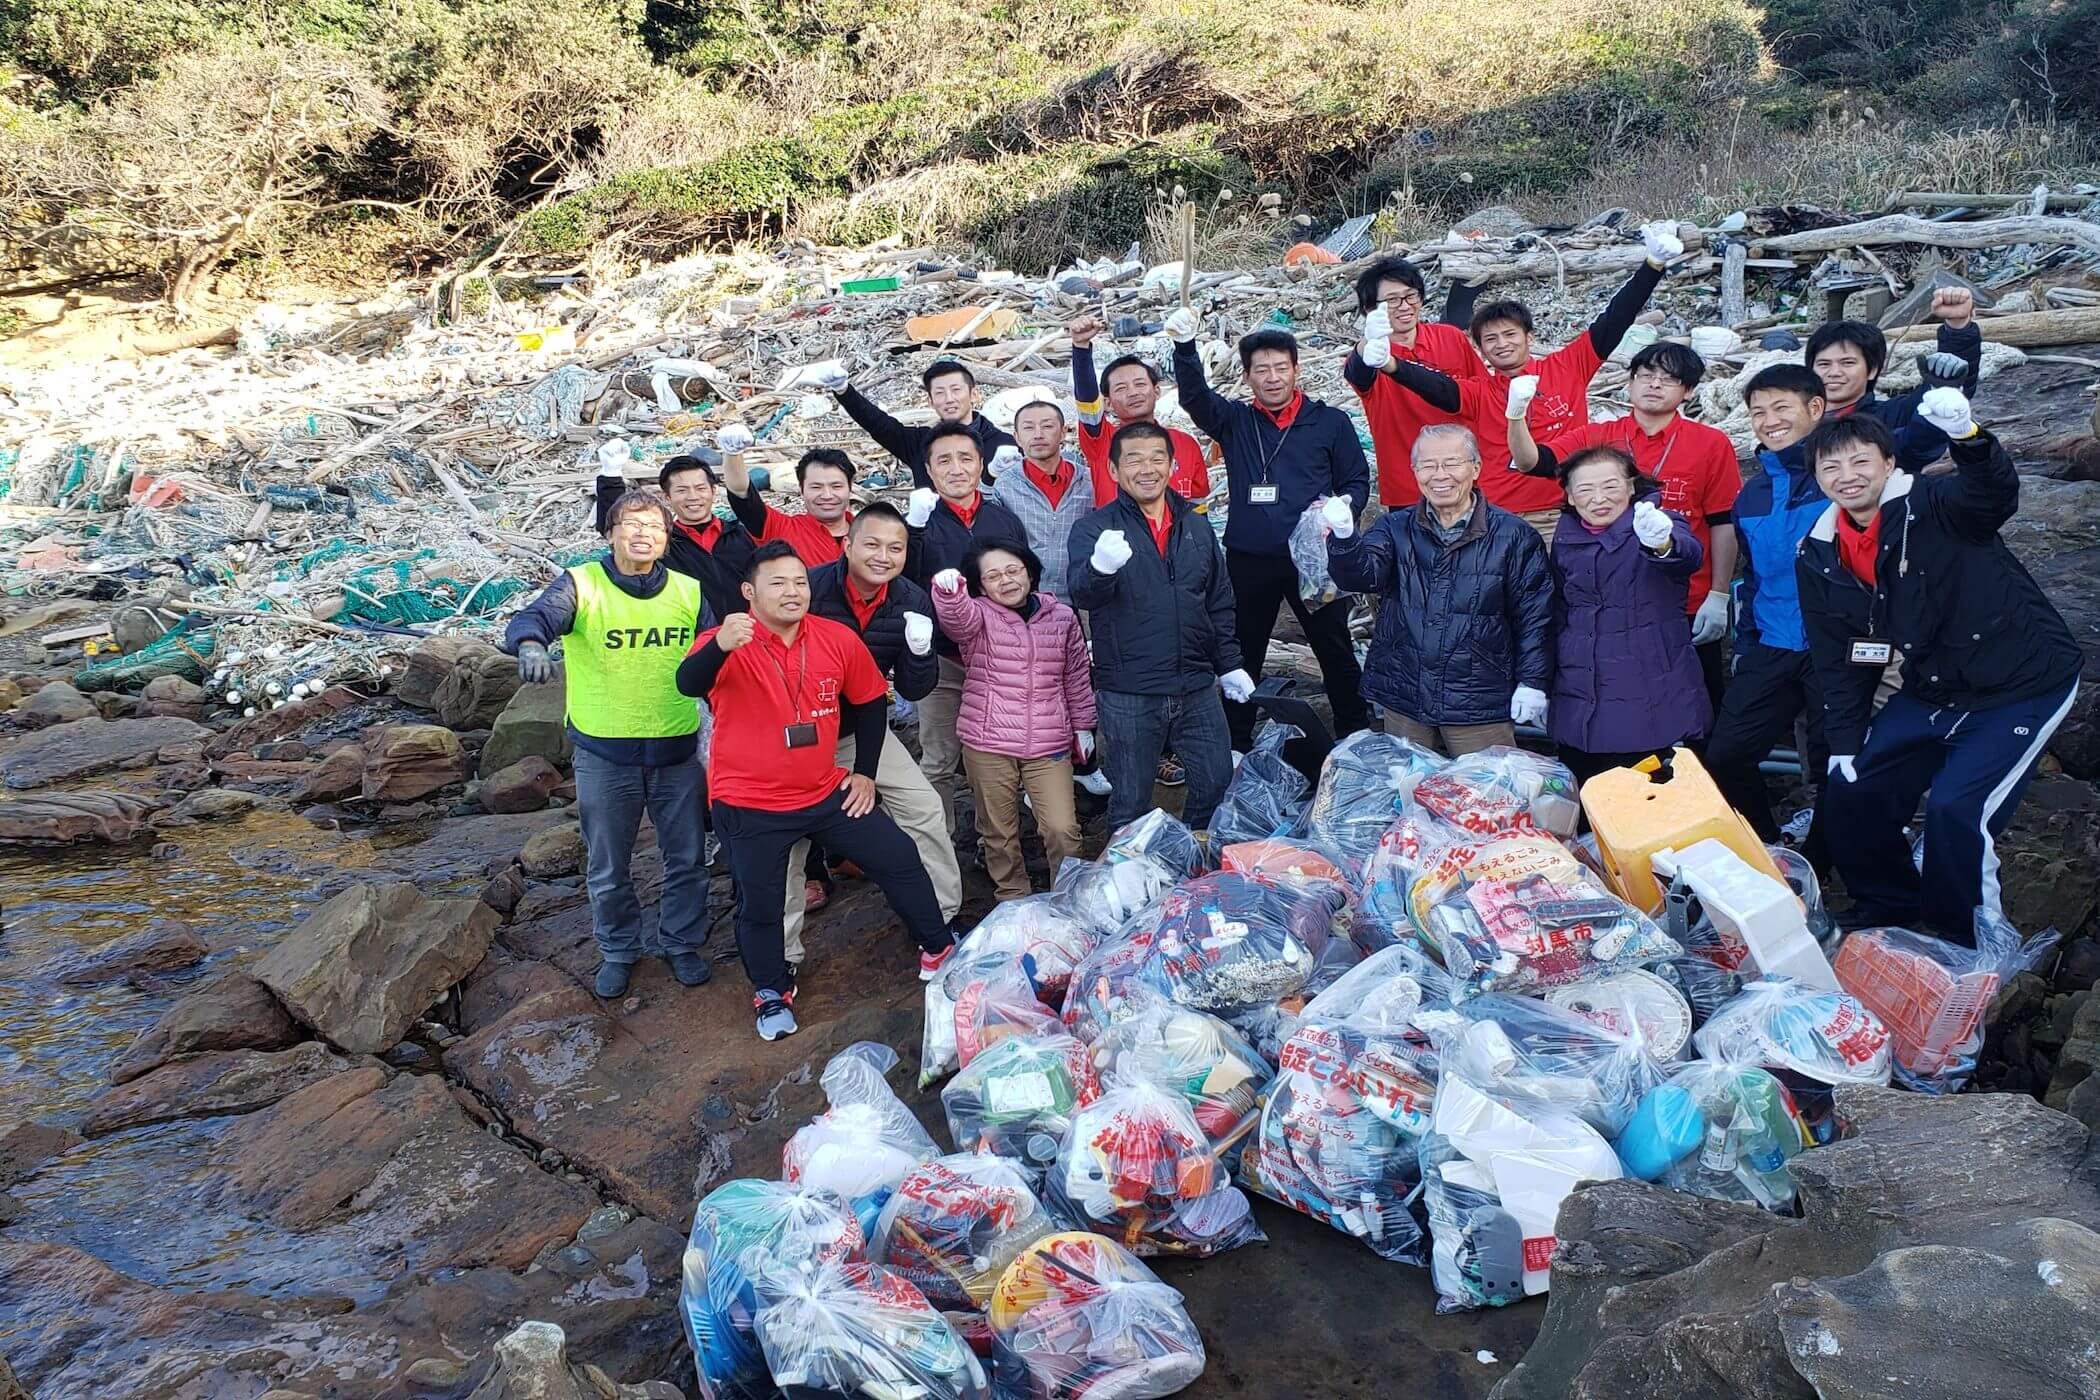 志ネットワーク青年塾の海岸清掃活動